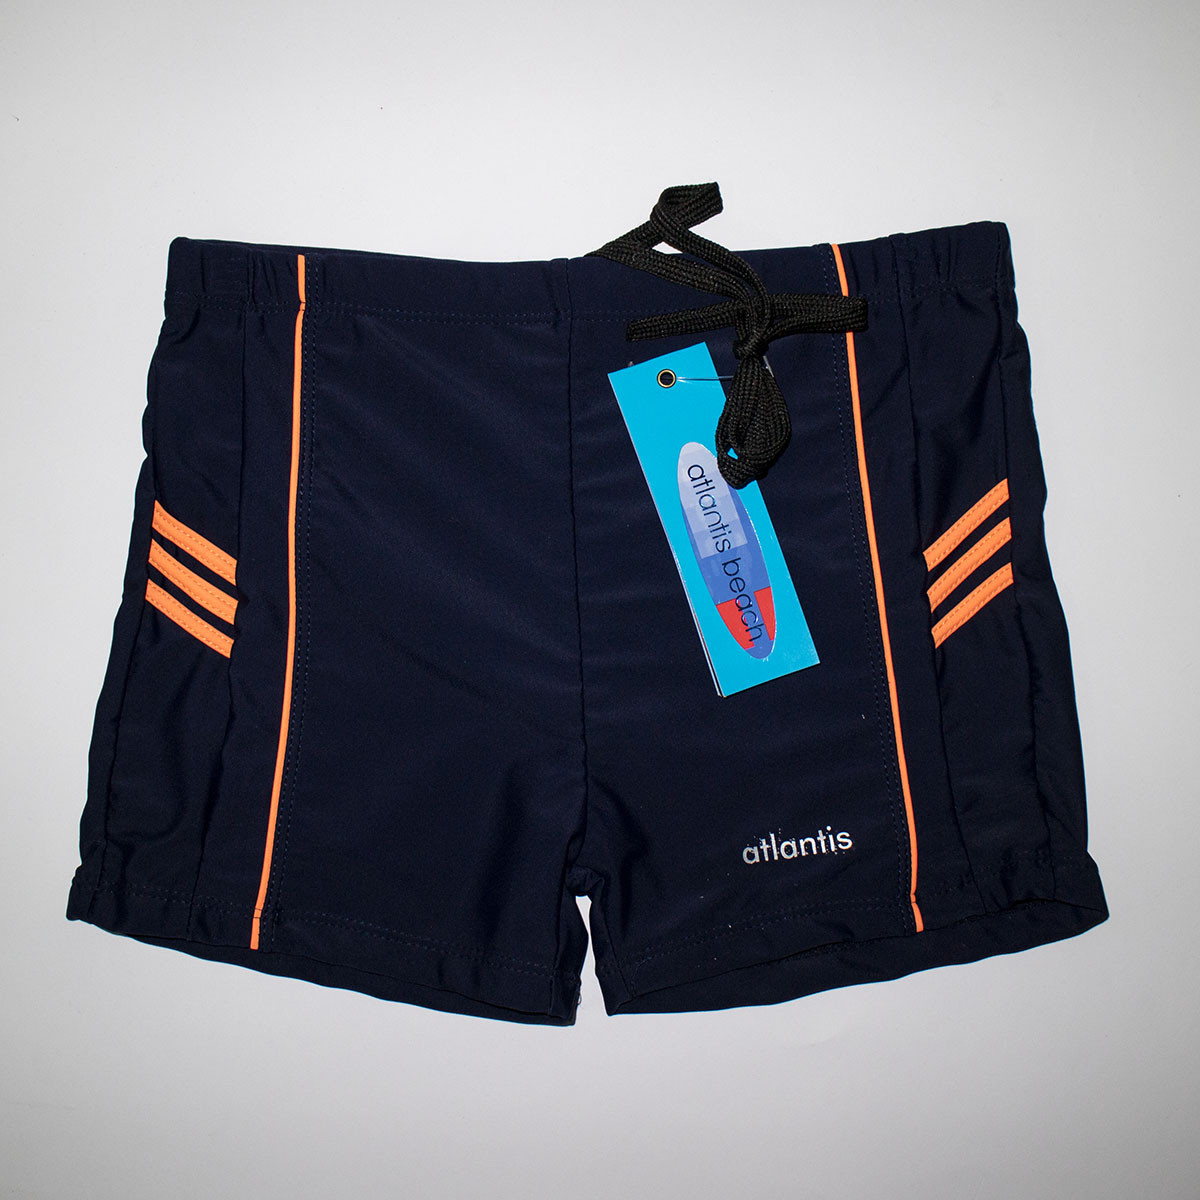 Подростковые летние плавки шорты для пляжа R907P